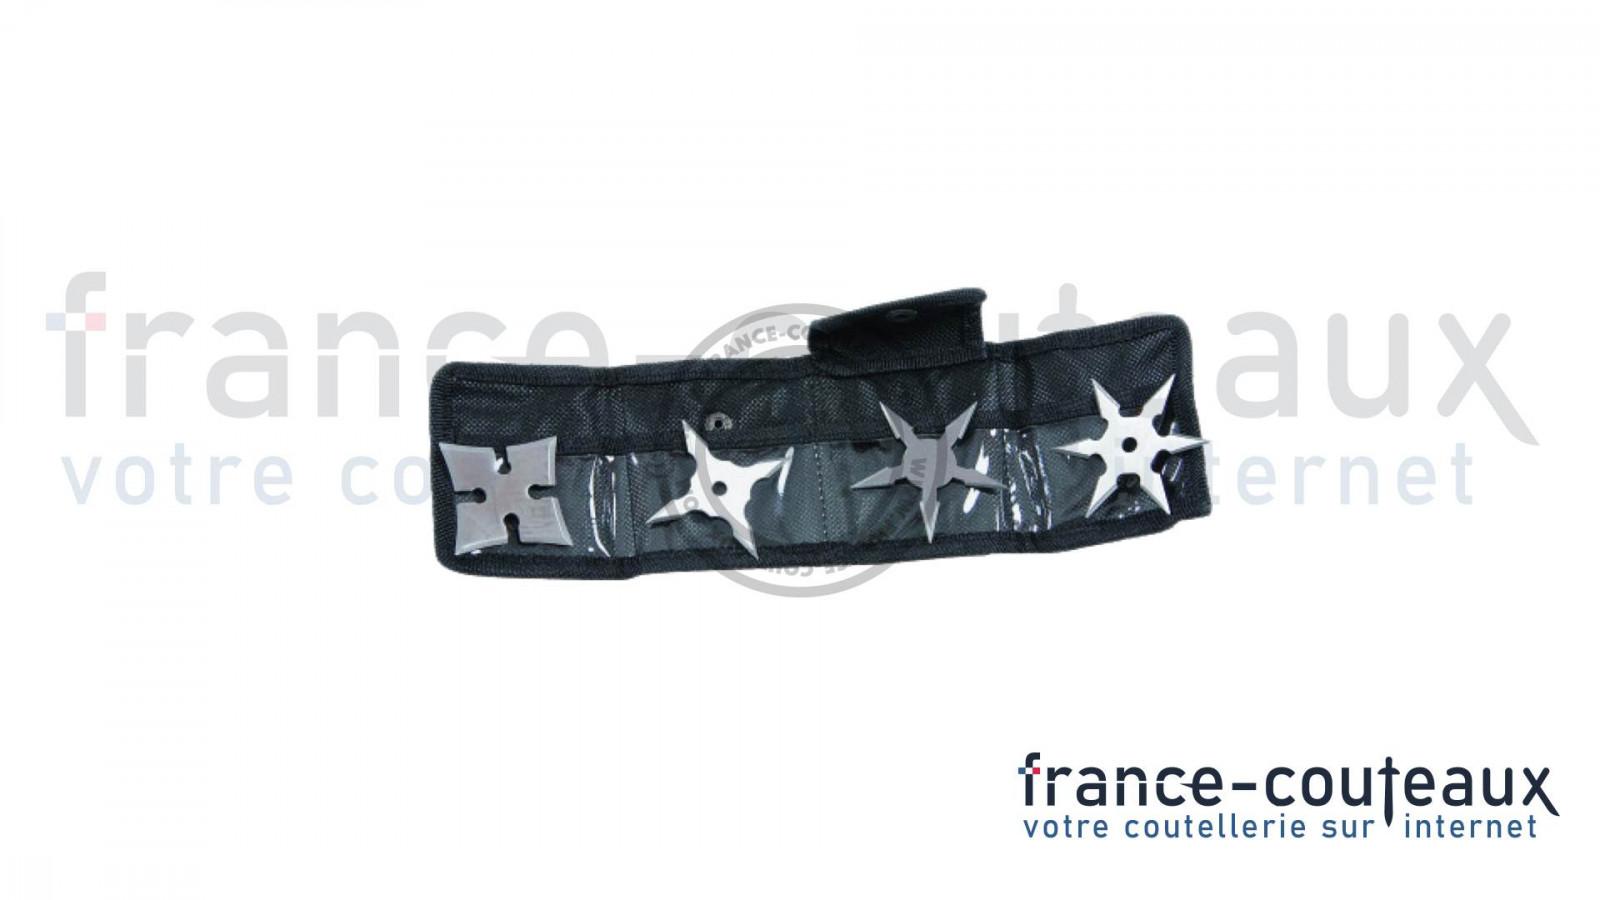 Couteau de sommelier noir avec tire bouchon